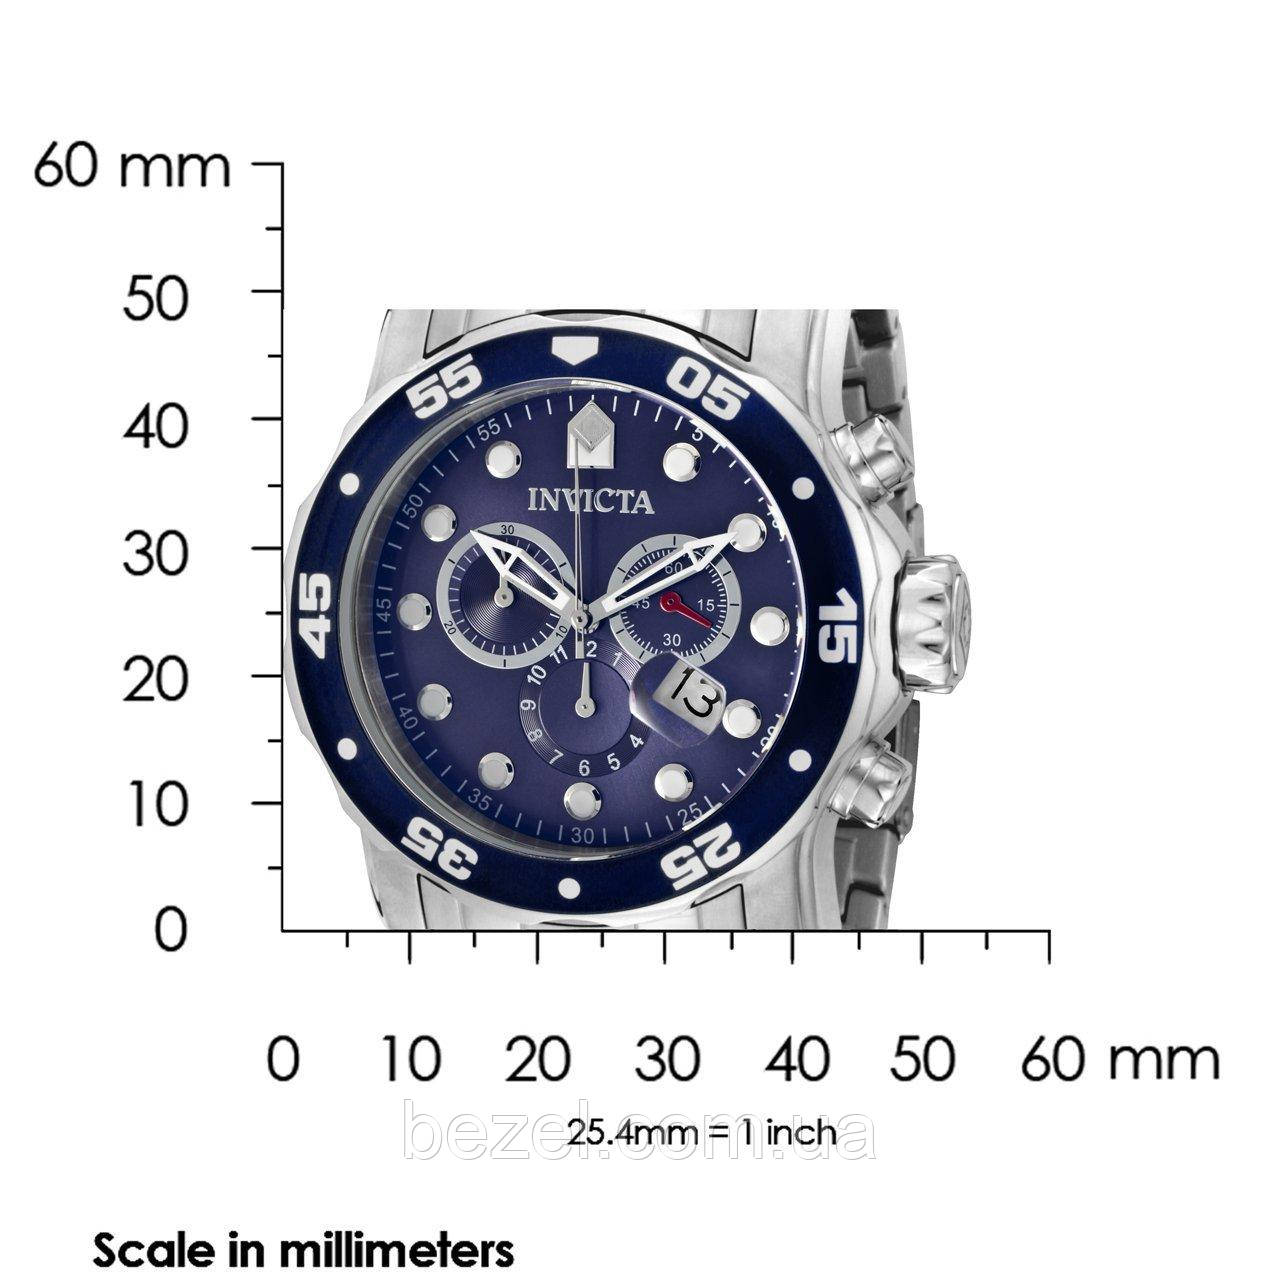 ... Мужские швейцарские часы INVICTA 0070 Pro Diver Инвикта дайвер  водонепроницаемые швейцарские для дайвинга , фото 5 ... a1a64dd0325